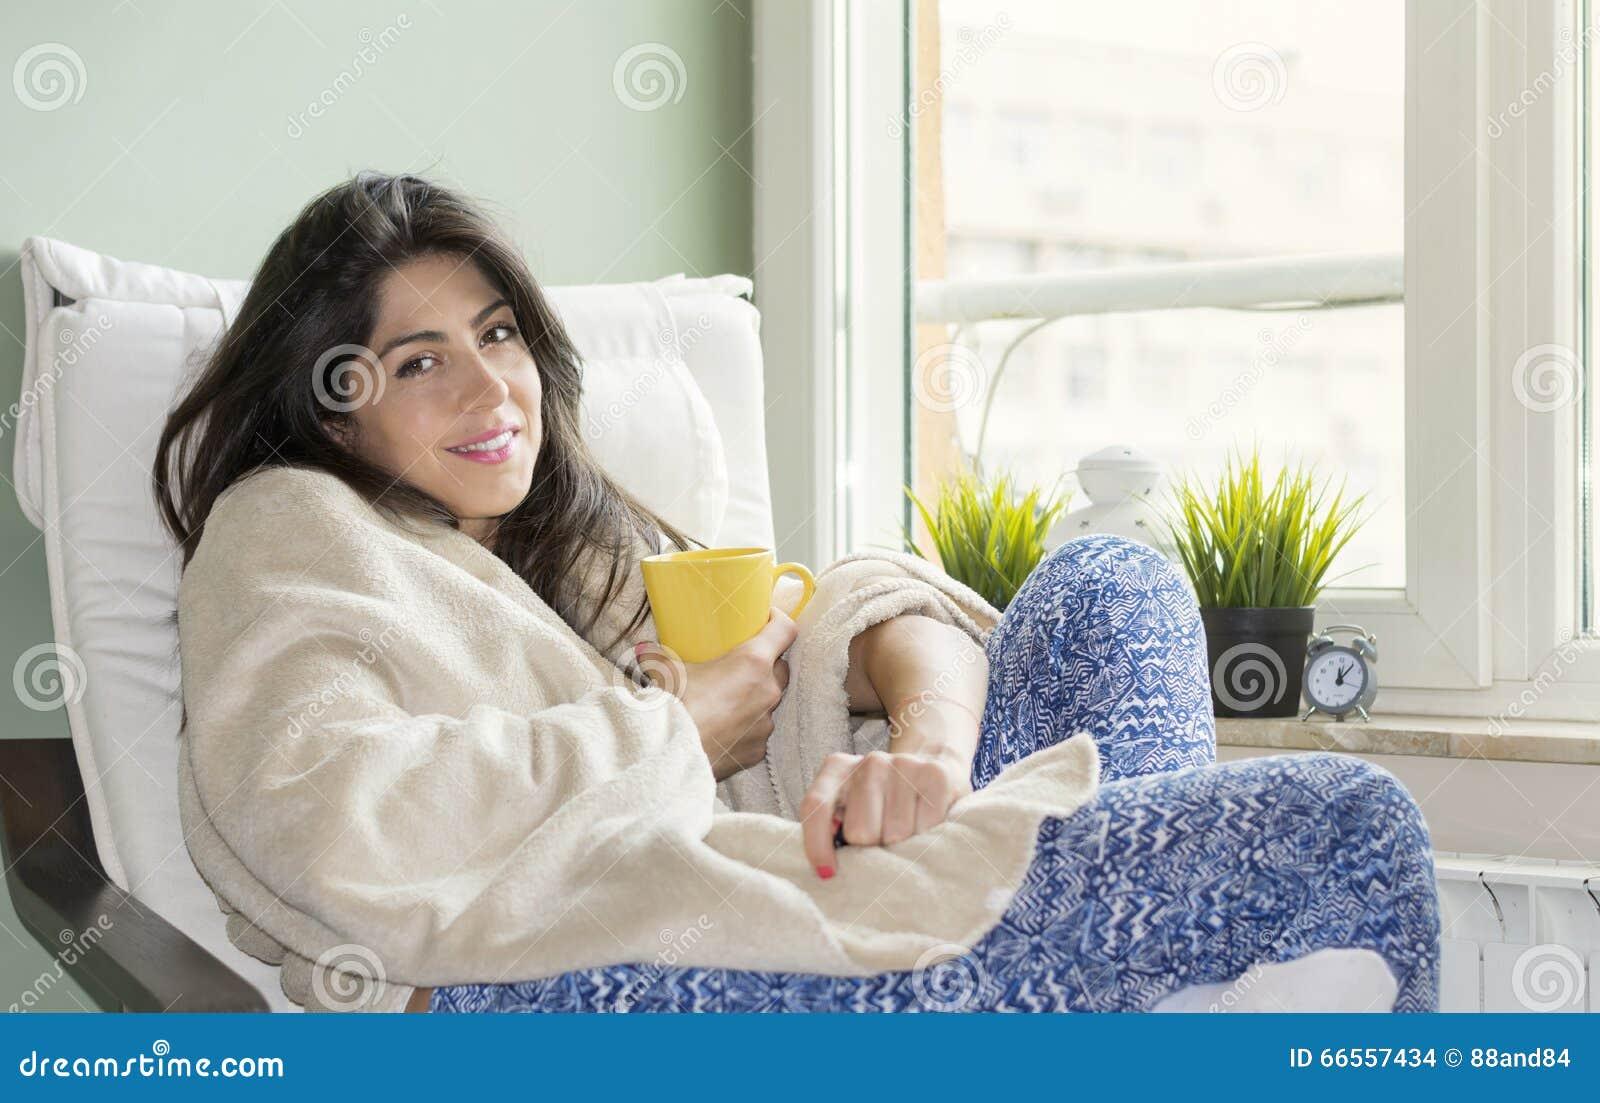 Mulher que senta-se em casa, envolvido em uma cobertura, chá bebendo